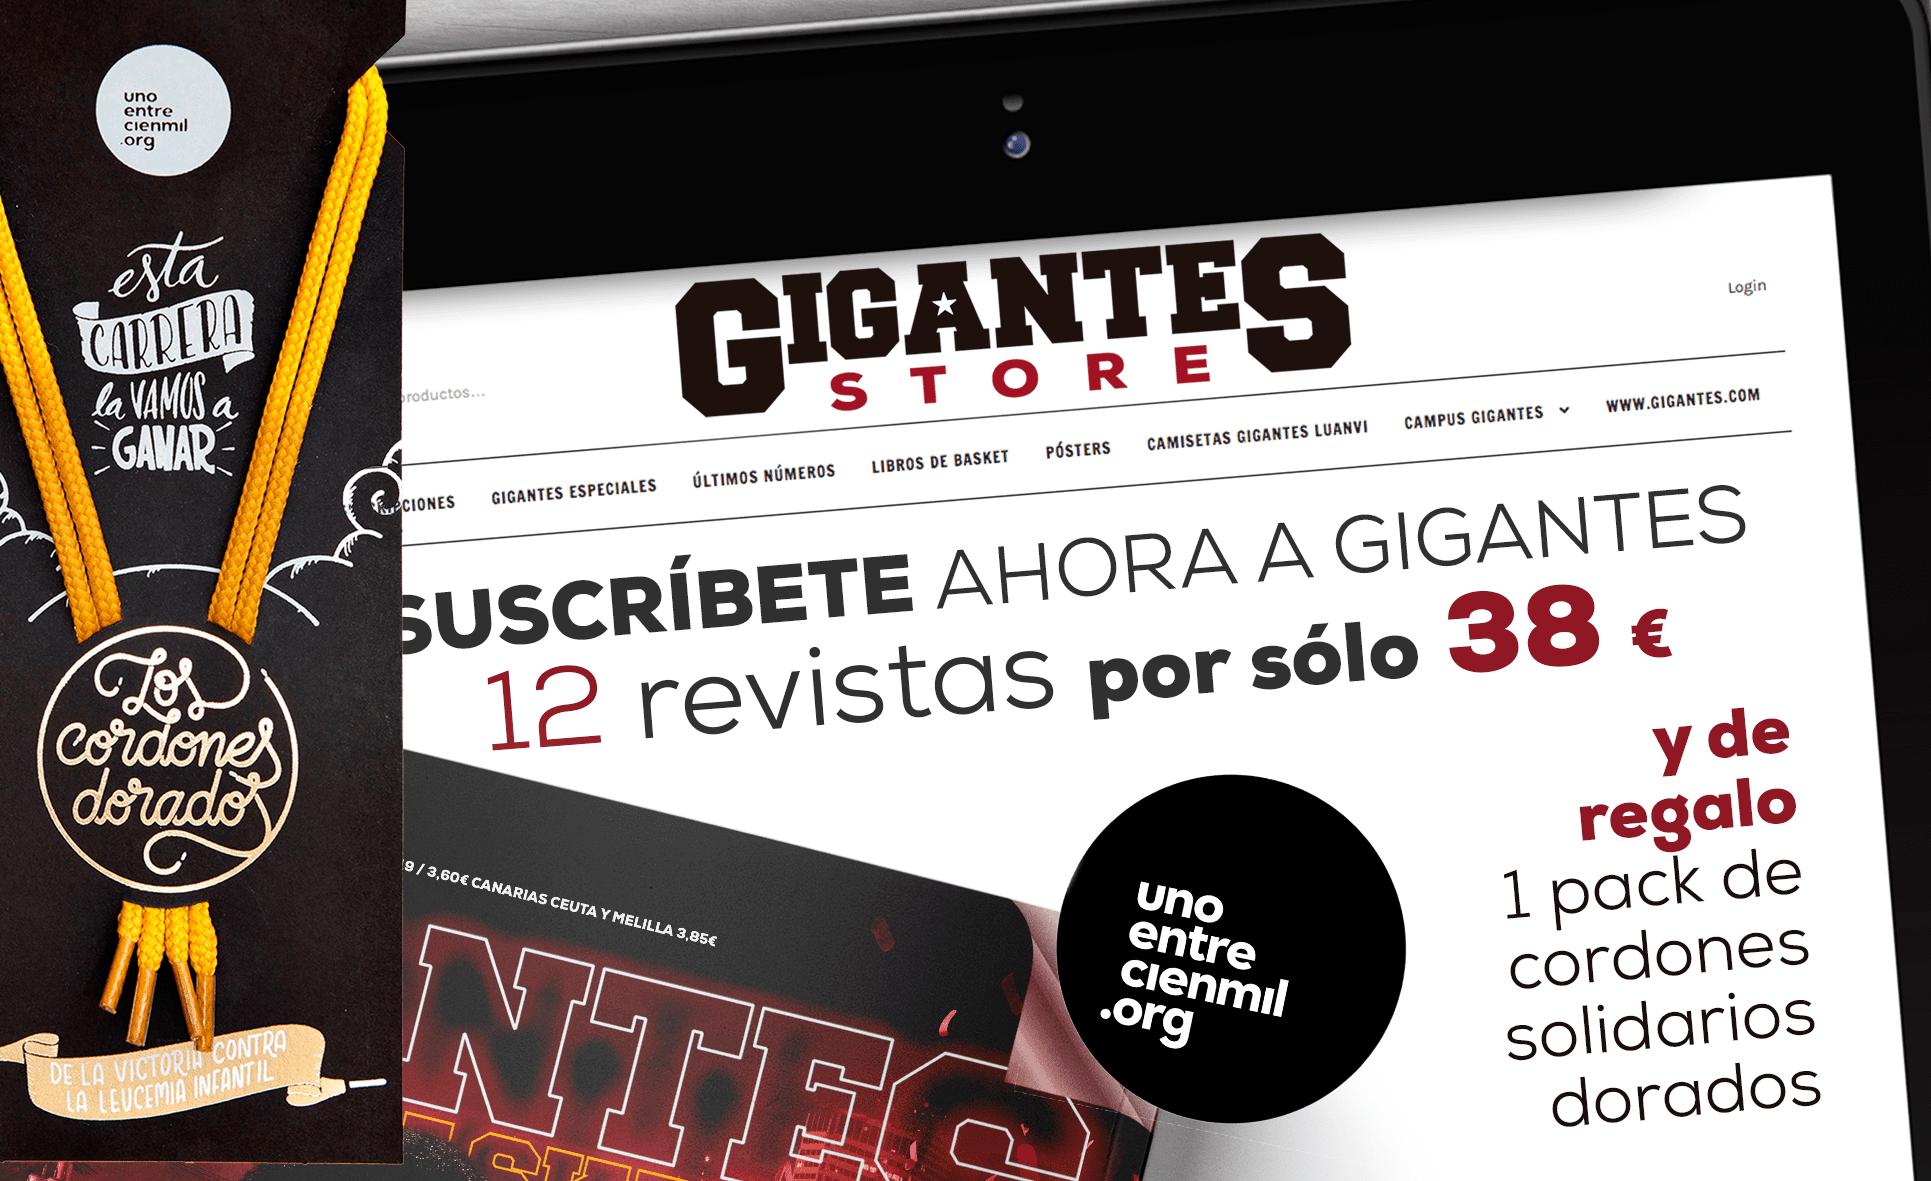 Oferta solidaria: Suscribete a la revista y 5 euros irán para la luchar contra el cáncer infantil